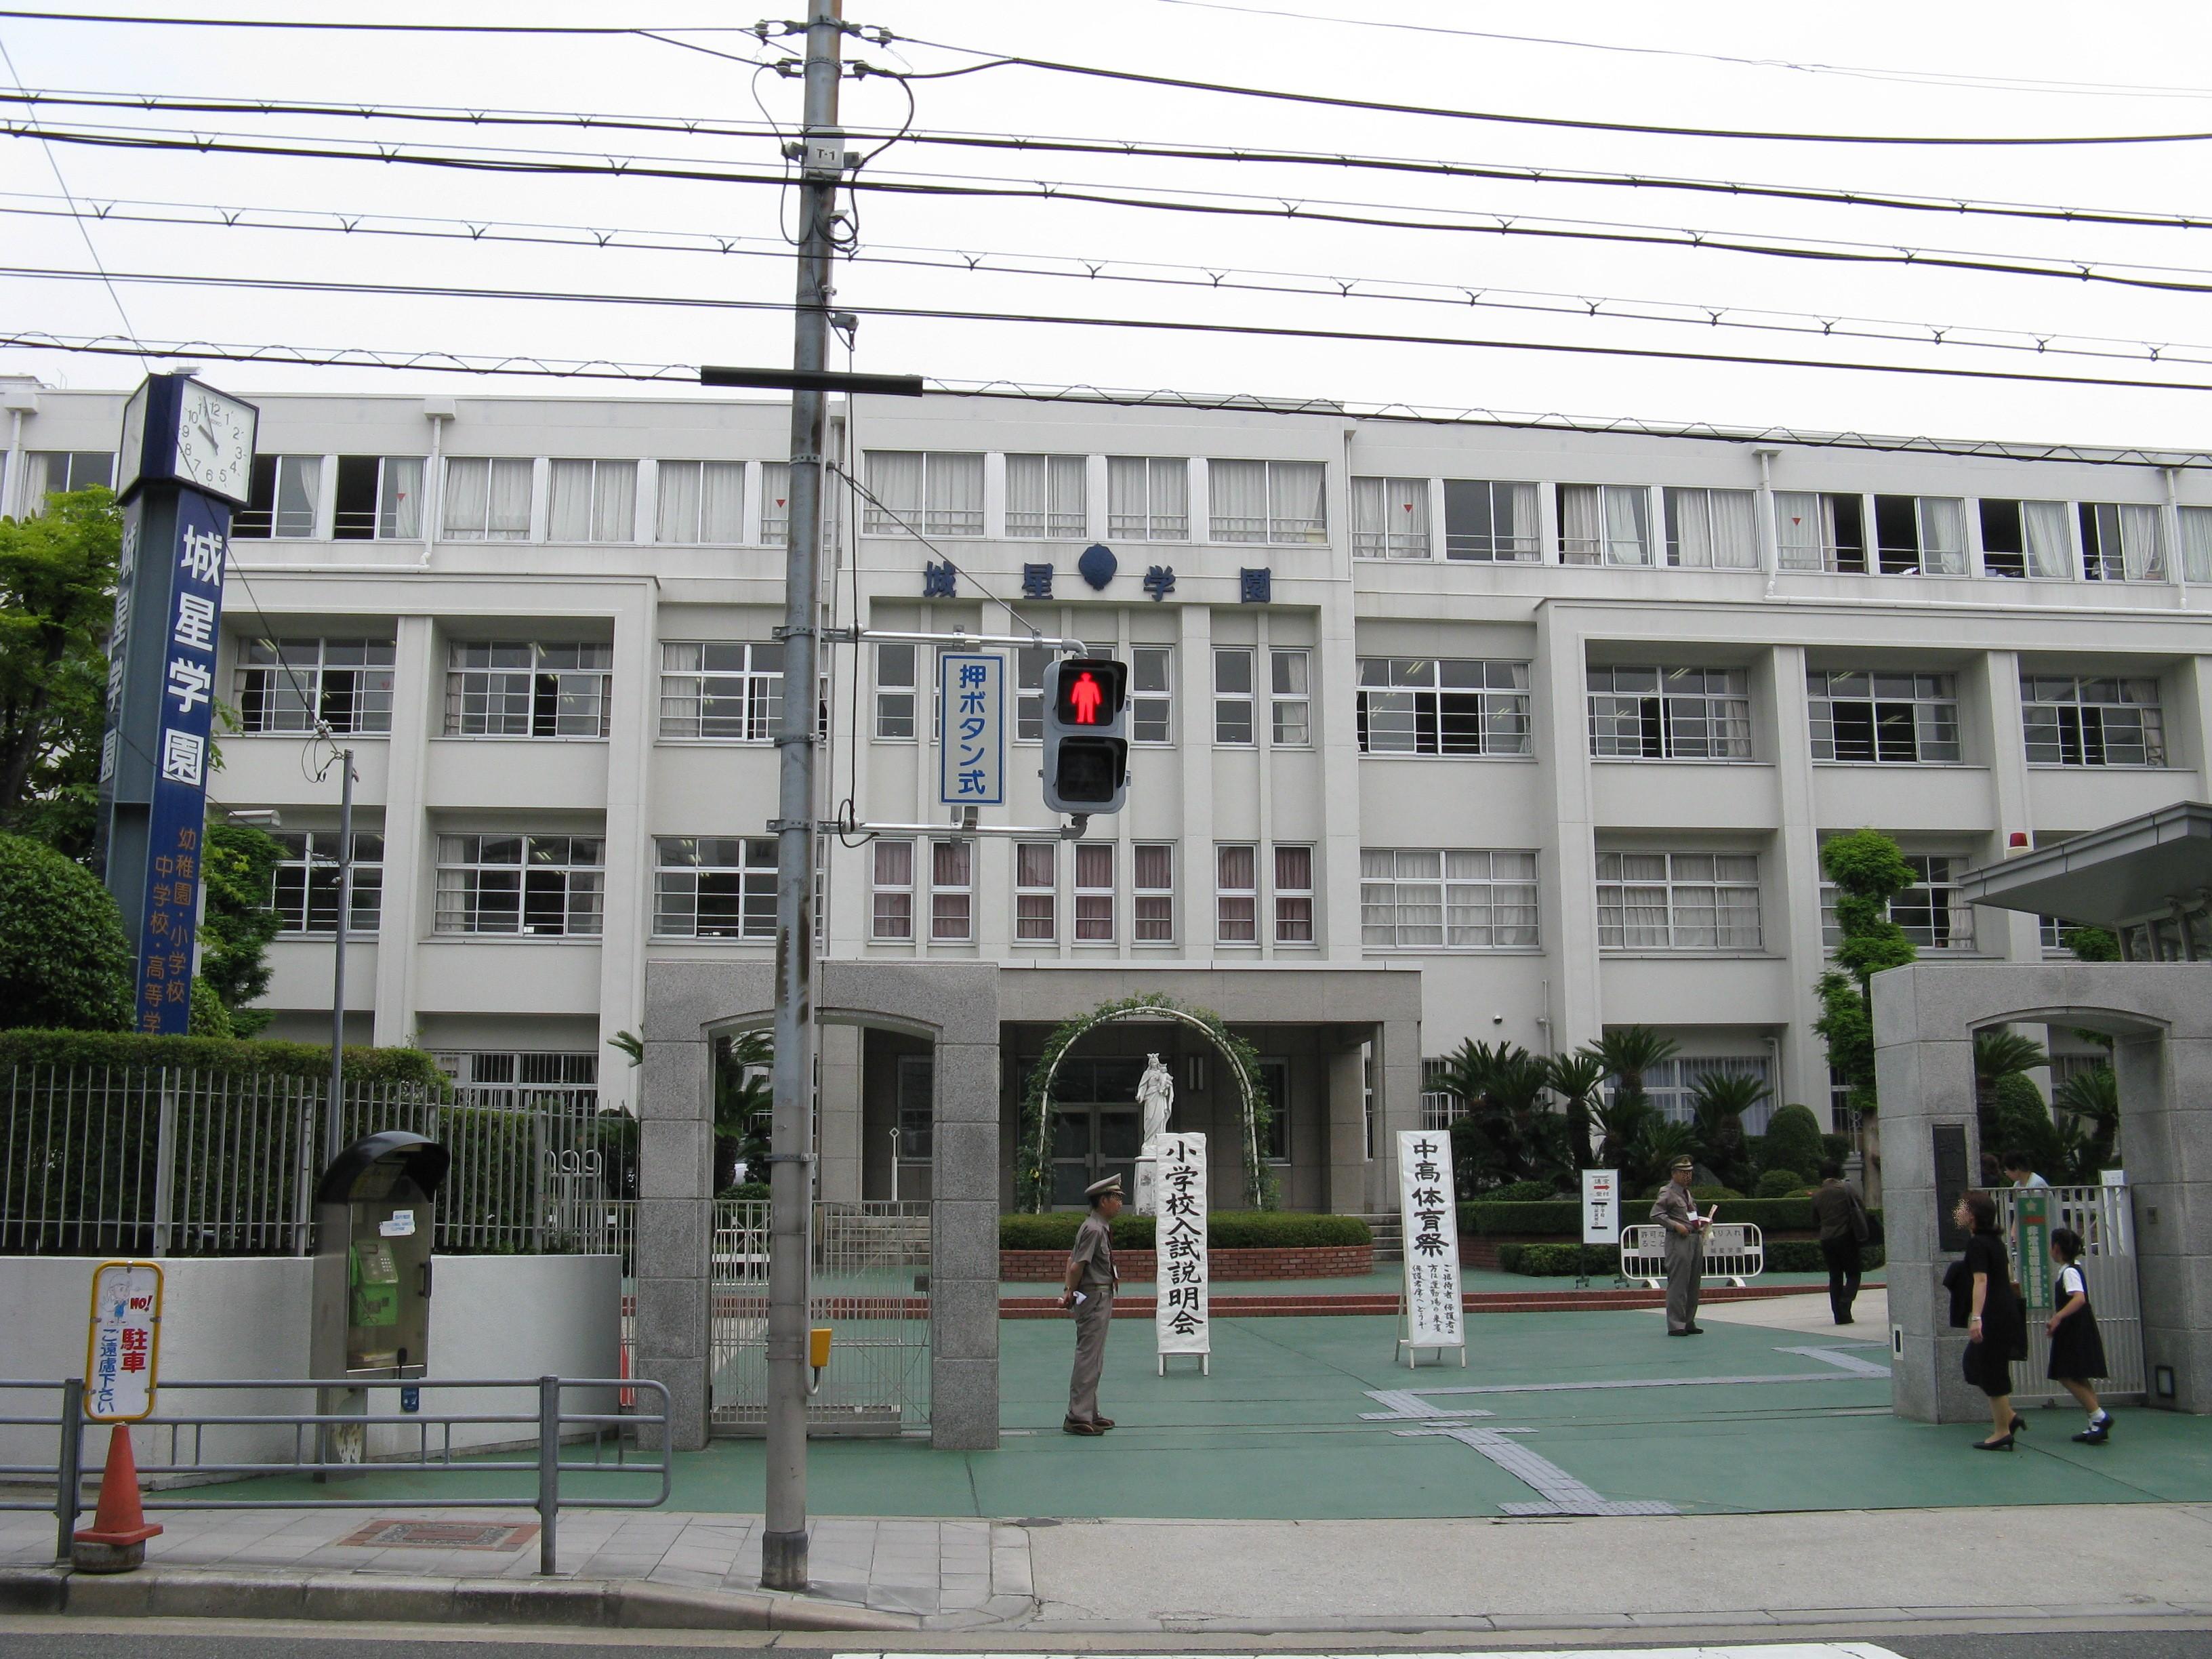 城星学園小学校・中学校・高等学校 - Wikipedia